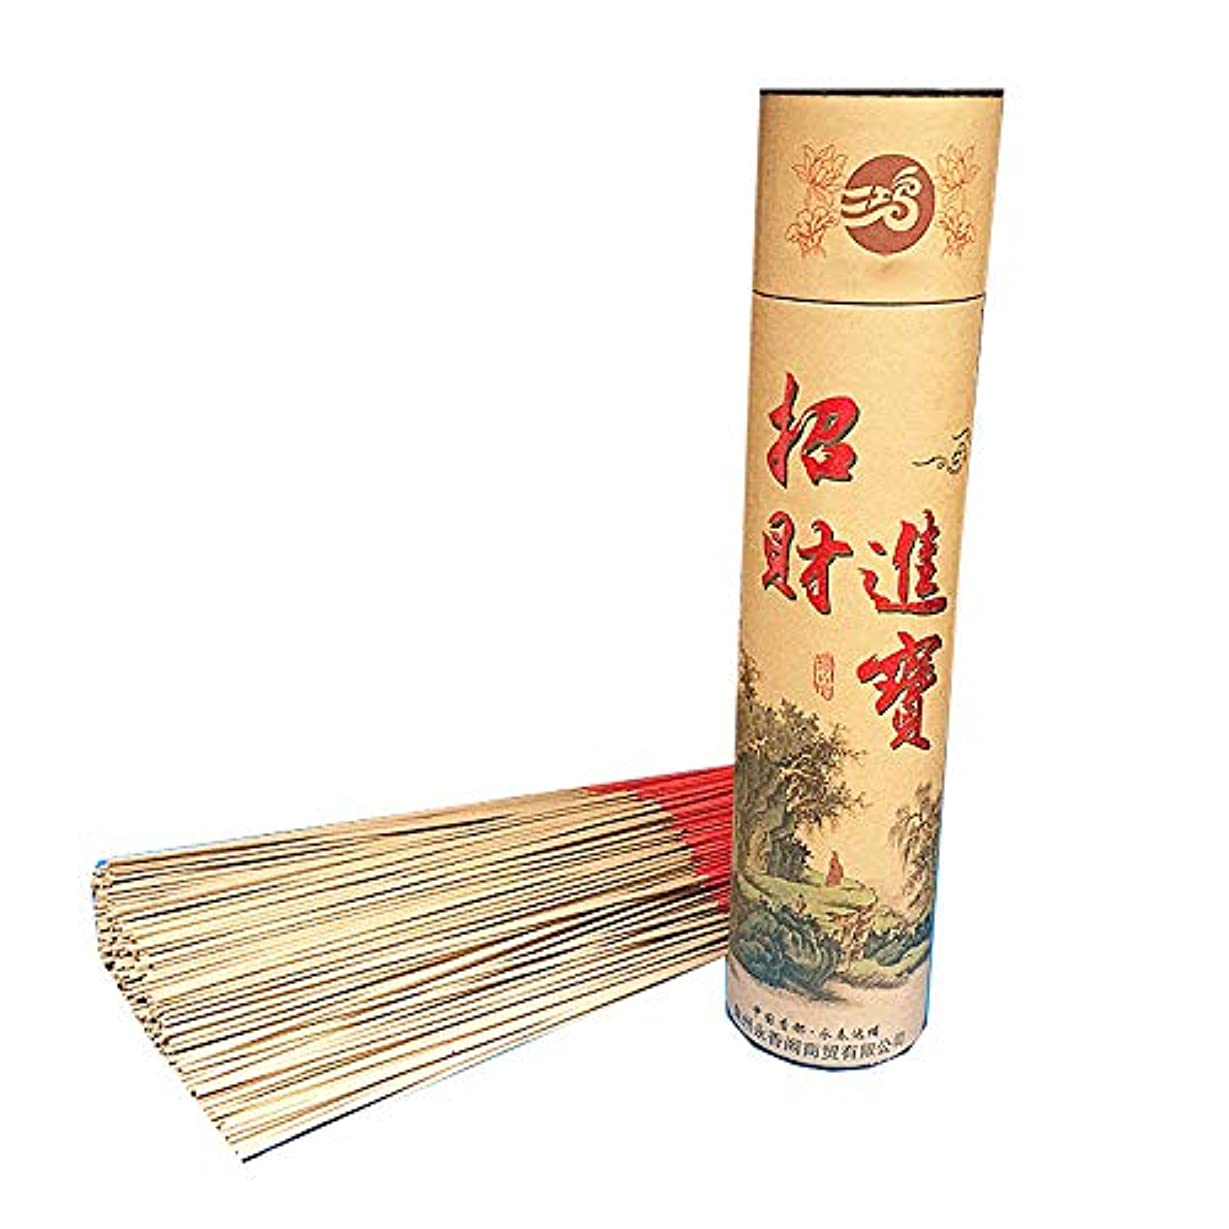 スイッチ結論挑発するZeeStar チャイニーズジョススティック 無香 香料 香りなし 香りつき 香りつき ジョススティック 13インチ(480本)